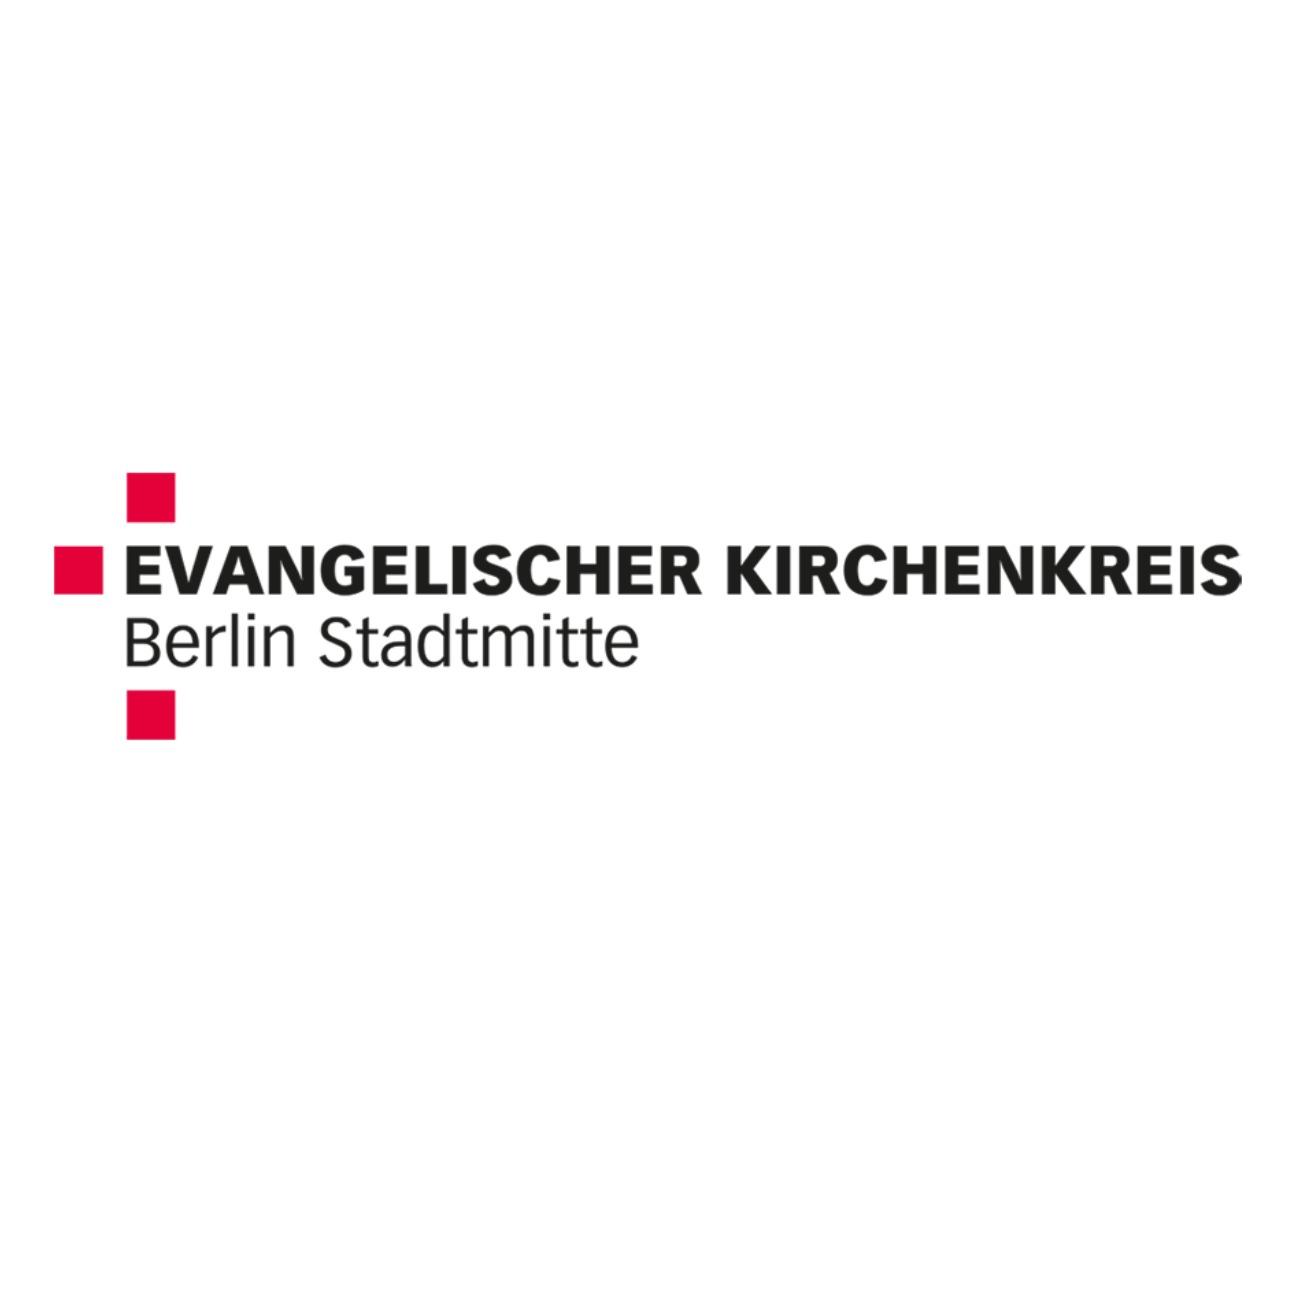 evangelischer kirschenkreis berlin mitte logo